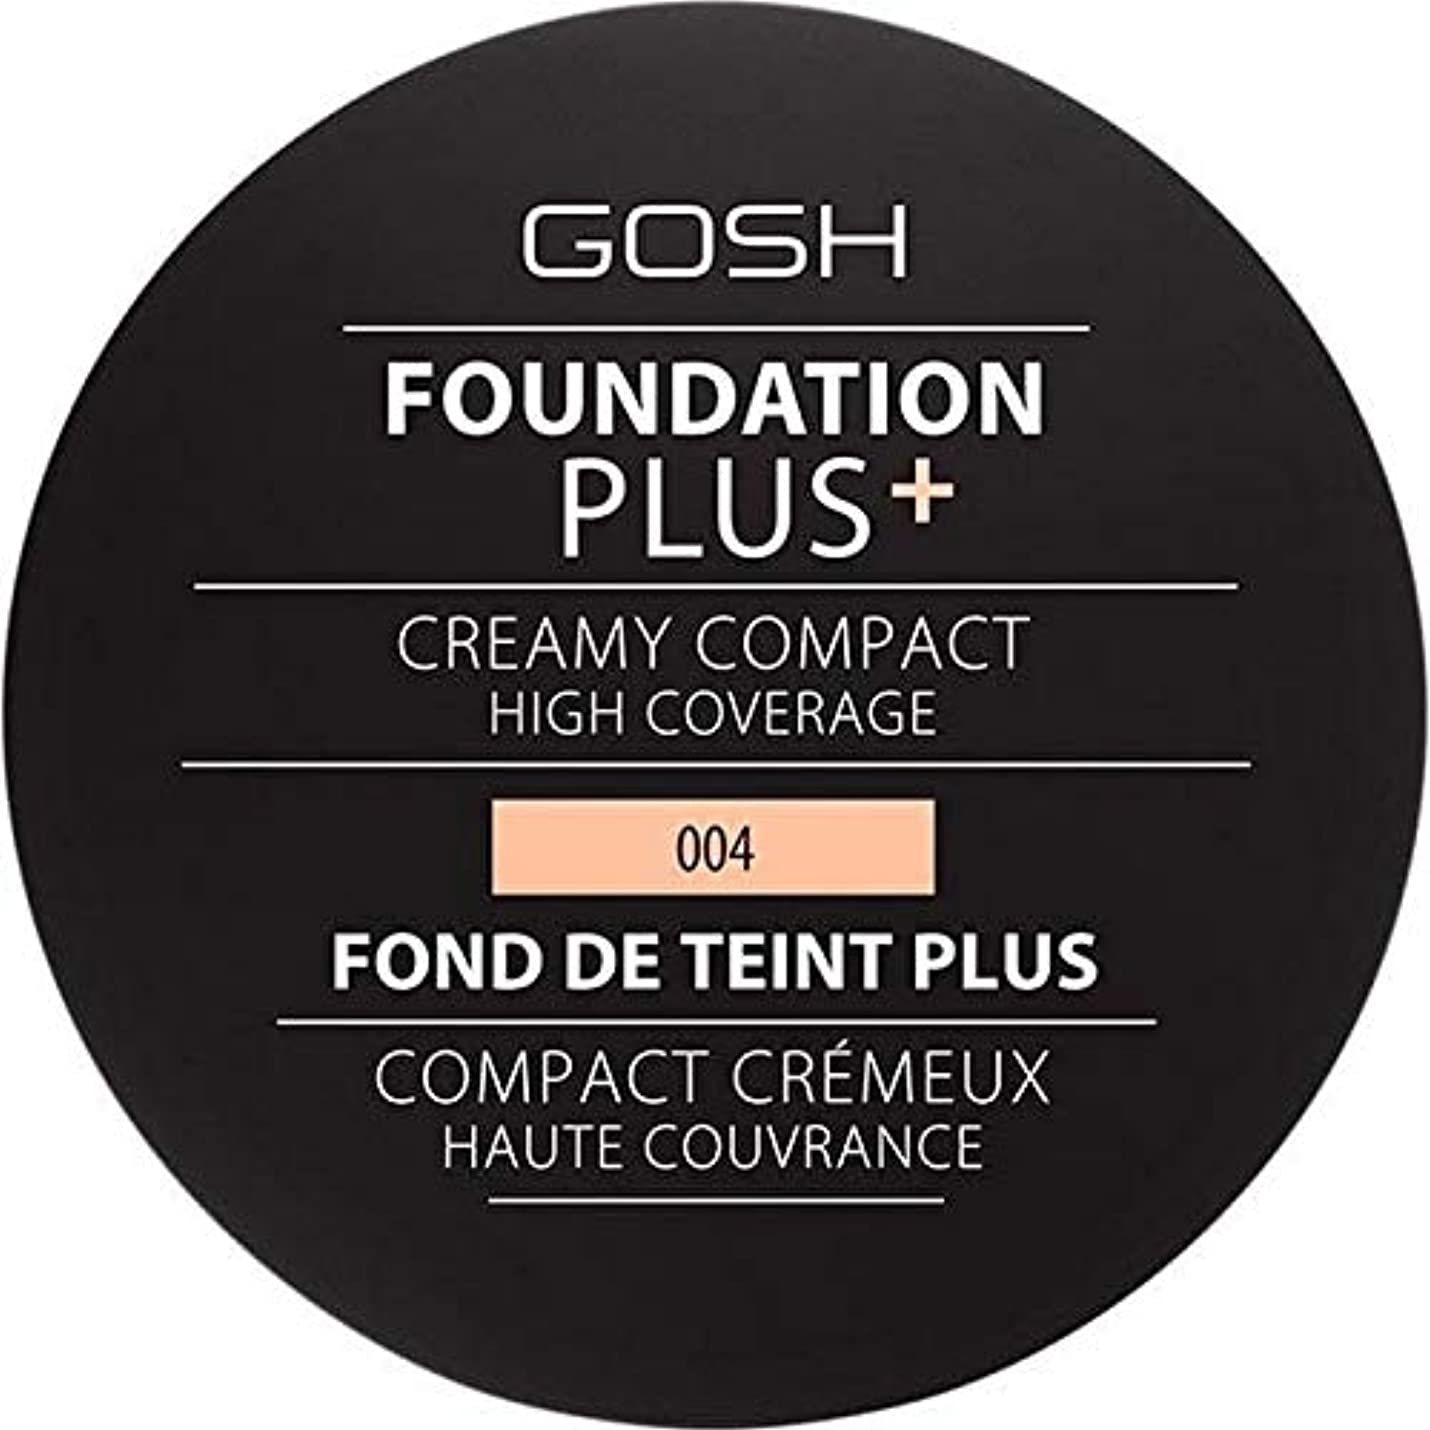 橋脚フライト静けさ[GOSH ] 基礎プラス+クリーミーコンパクトな自然004 - Foundation Plus+ Creamy Compact Natural 004 [並行輸入品]